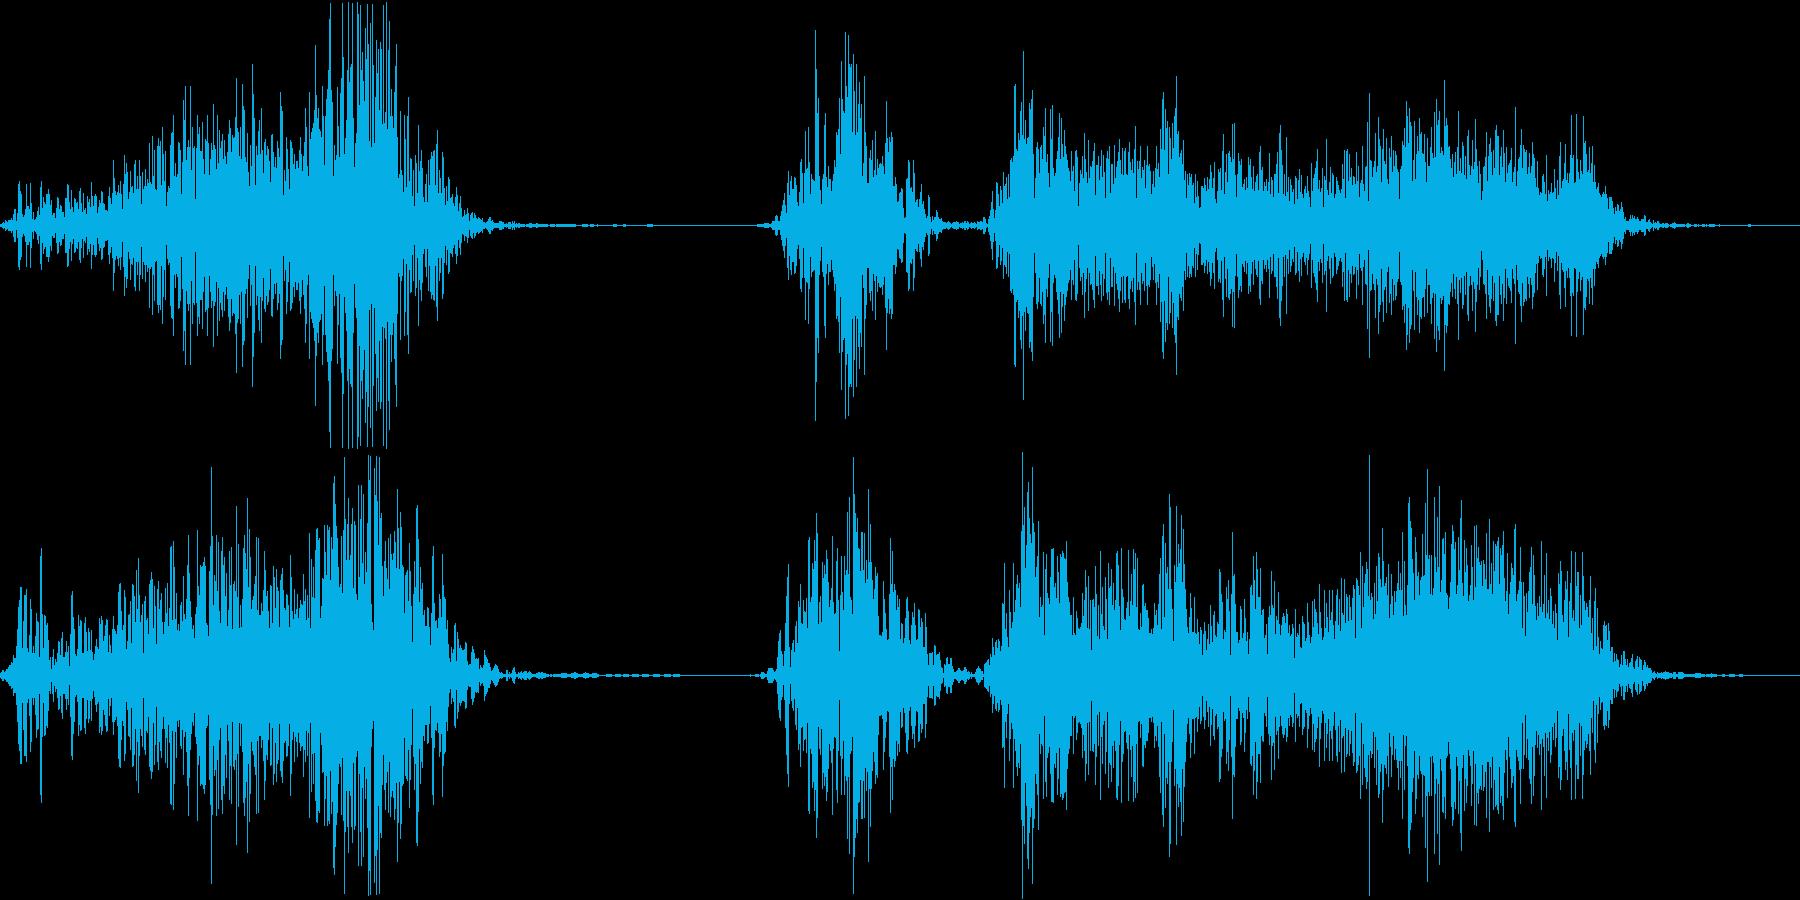 チャックを開ける音の再生済みの波形